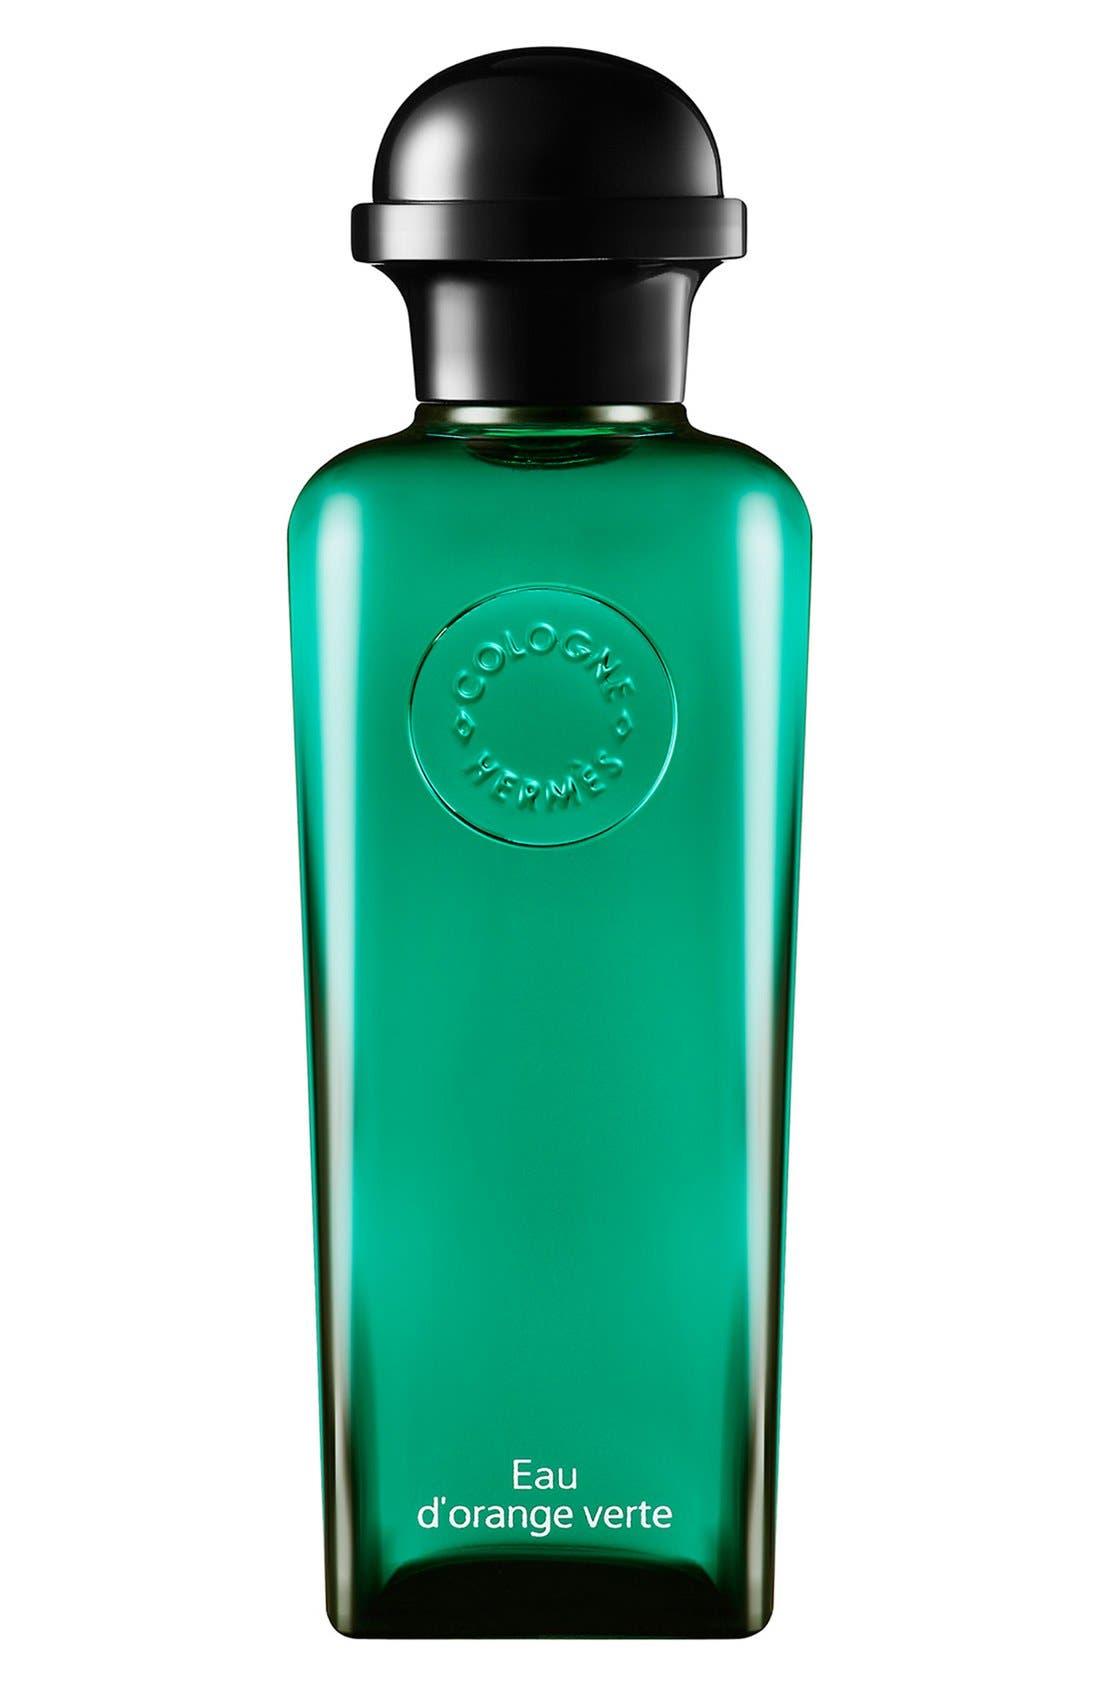 Hermès Eau d'orange verte - Eau de cologne